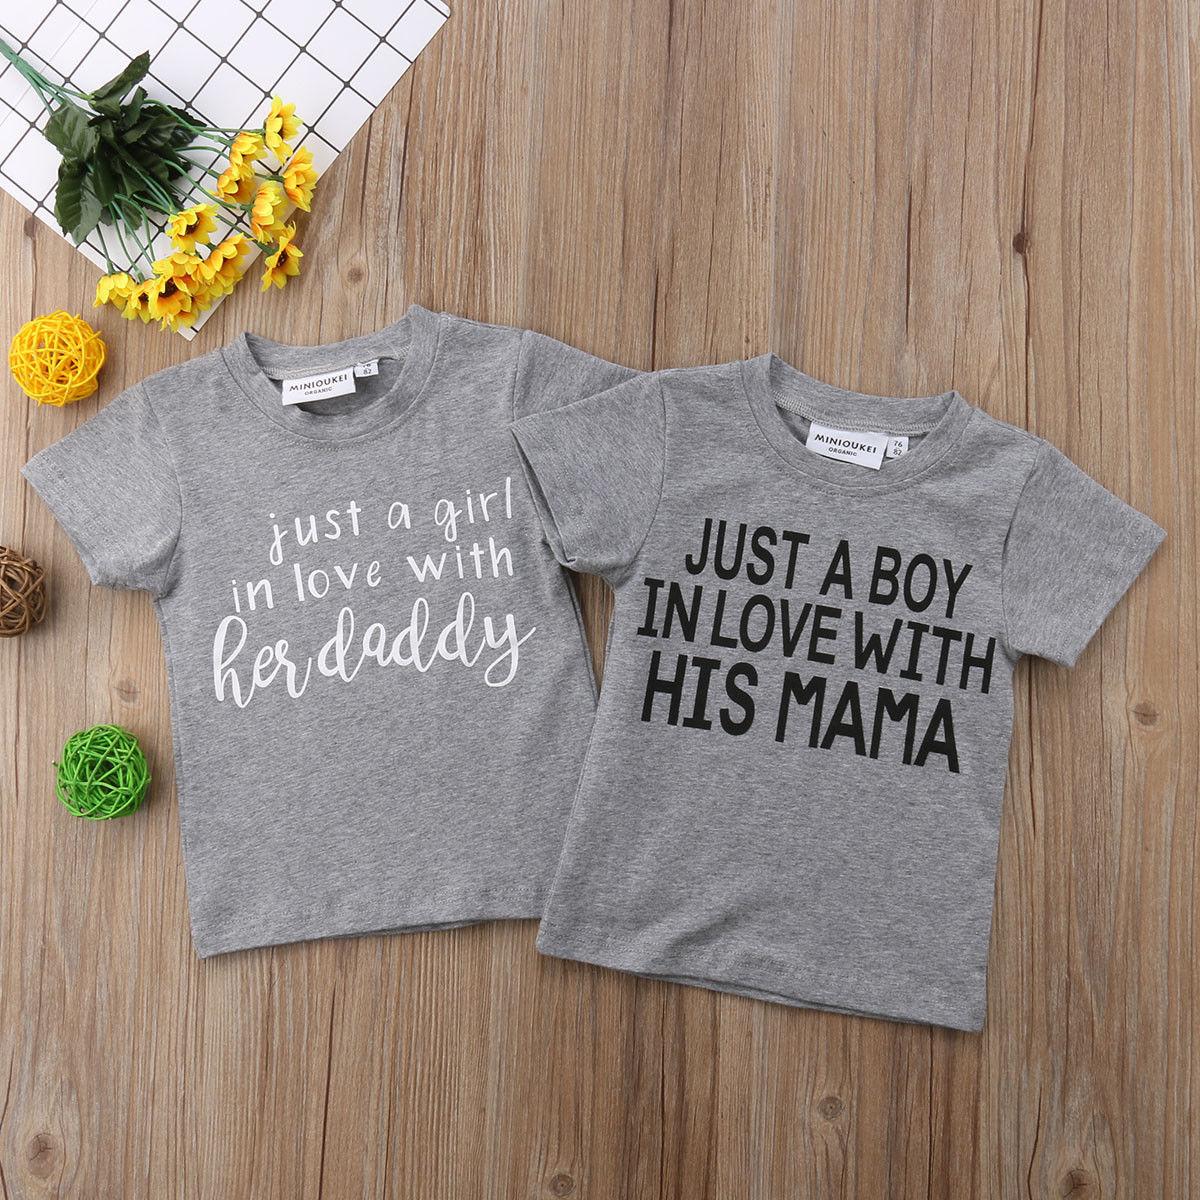 8e657d5cf 2018 neue Kinder Baby Mädchen Jungen Kurzarm Grau Papa Mama Tops T-shirt  Bluse T